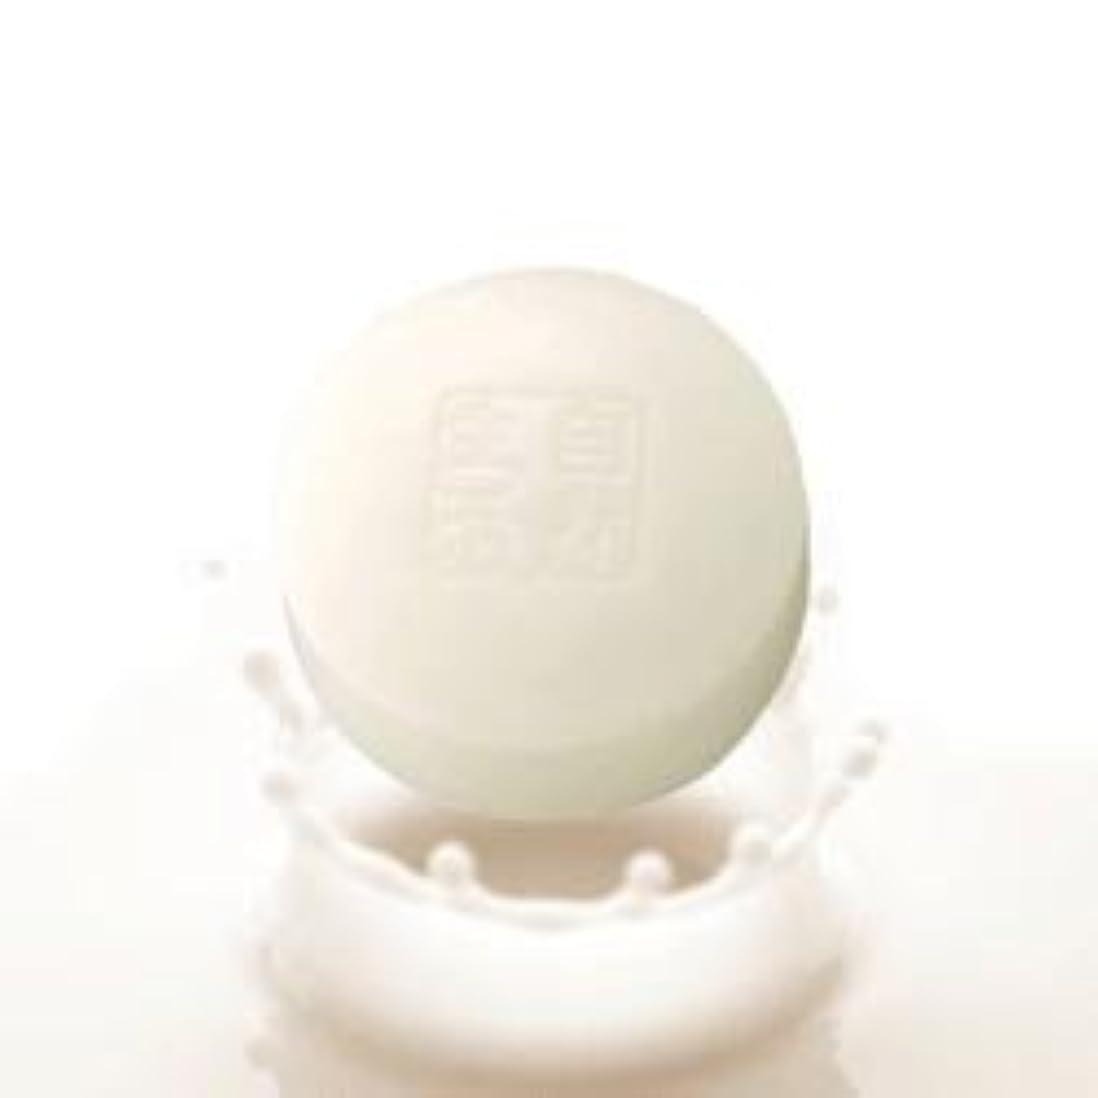 クリーム積分ミュウミュウ豆腐の盛田屋 豆乳せっけん 100g